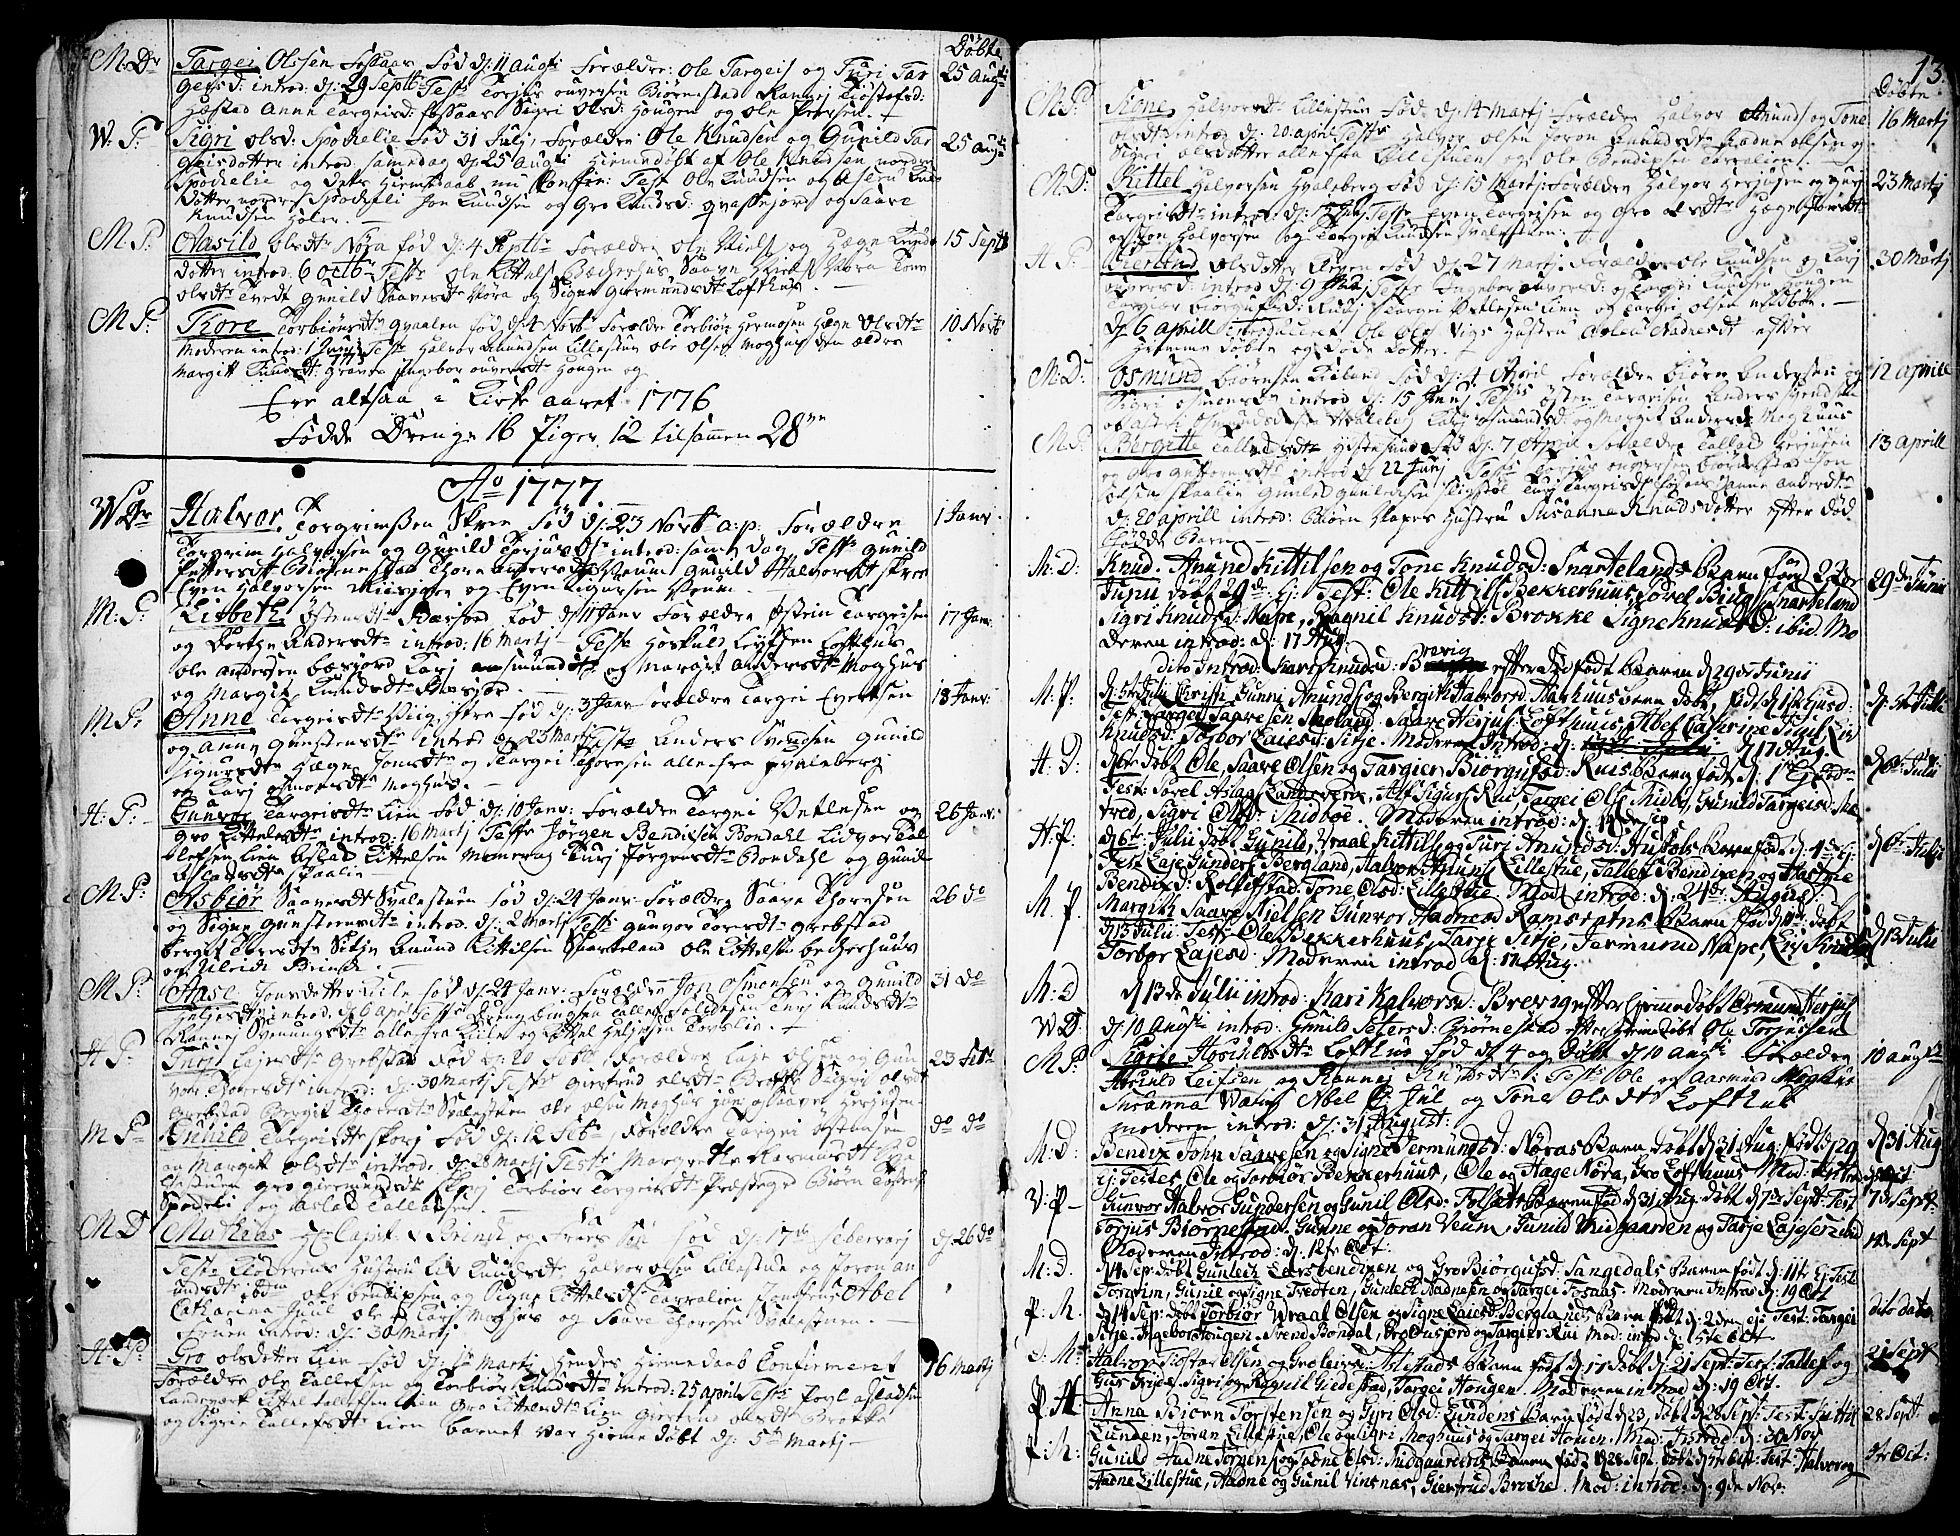 SAKO, Fyresdal kirkebøker, F/Fa/L0002: Ministerialbok nr. I 2, 1769-1814, s. 13